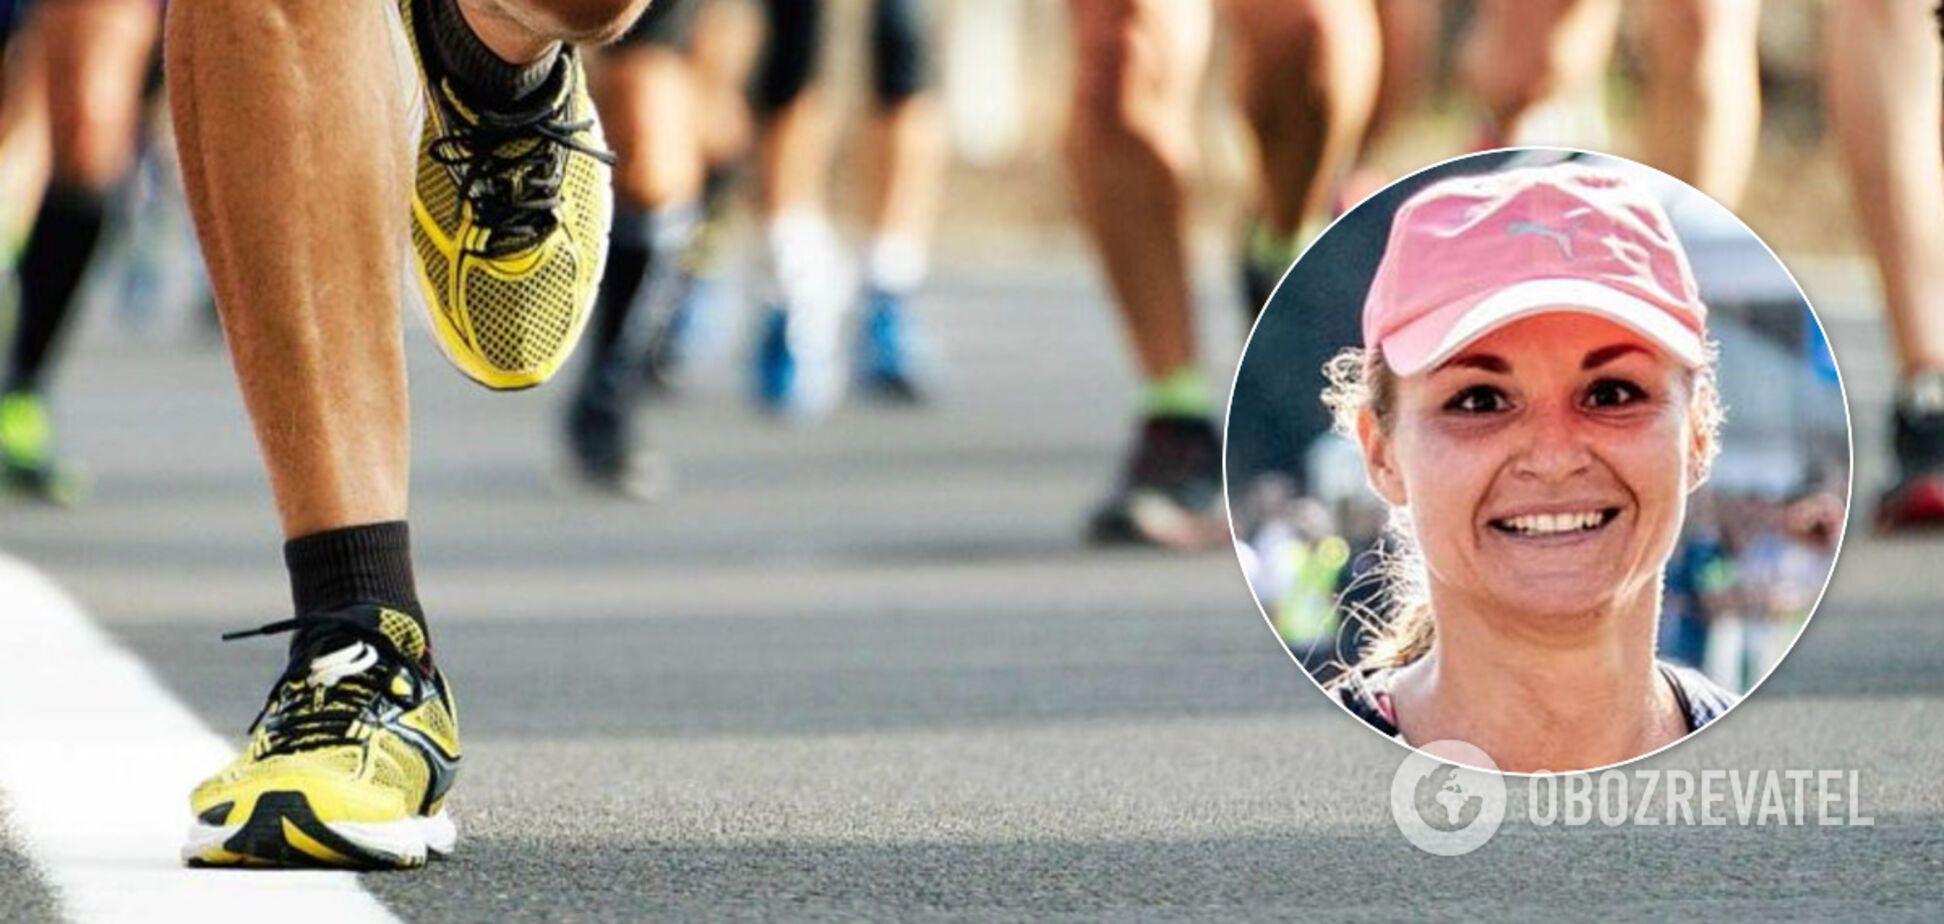 В Одесской ОГА заступились за организаторов марафона, где погибла спортсменка